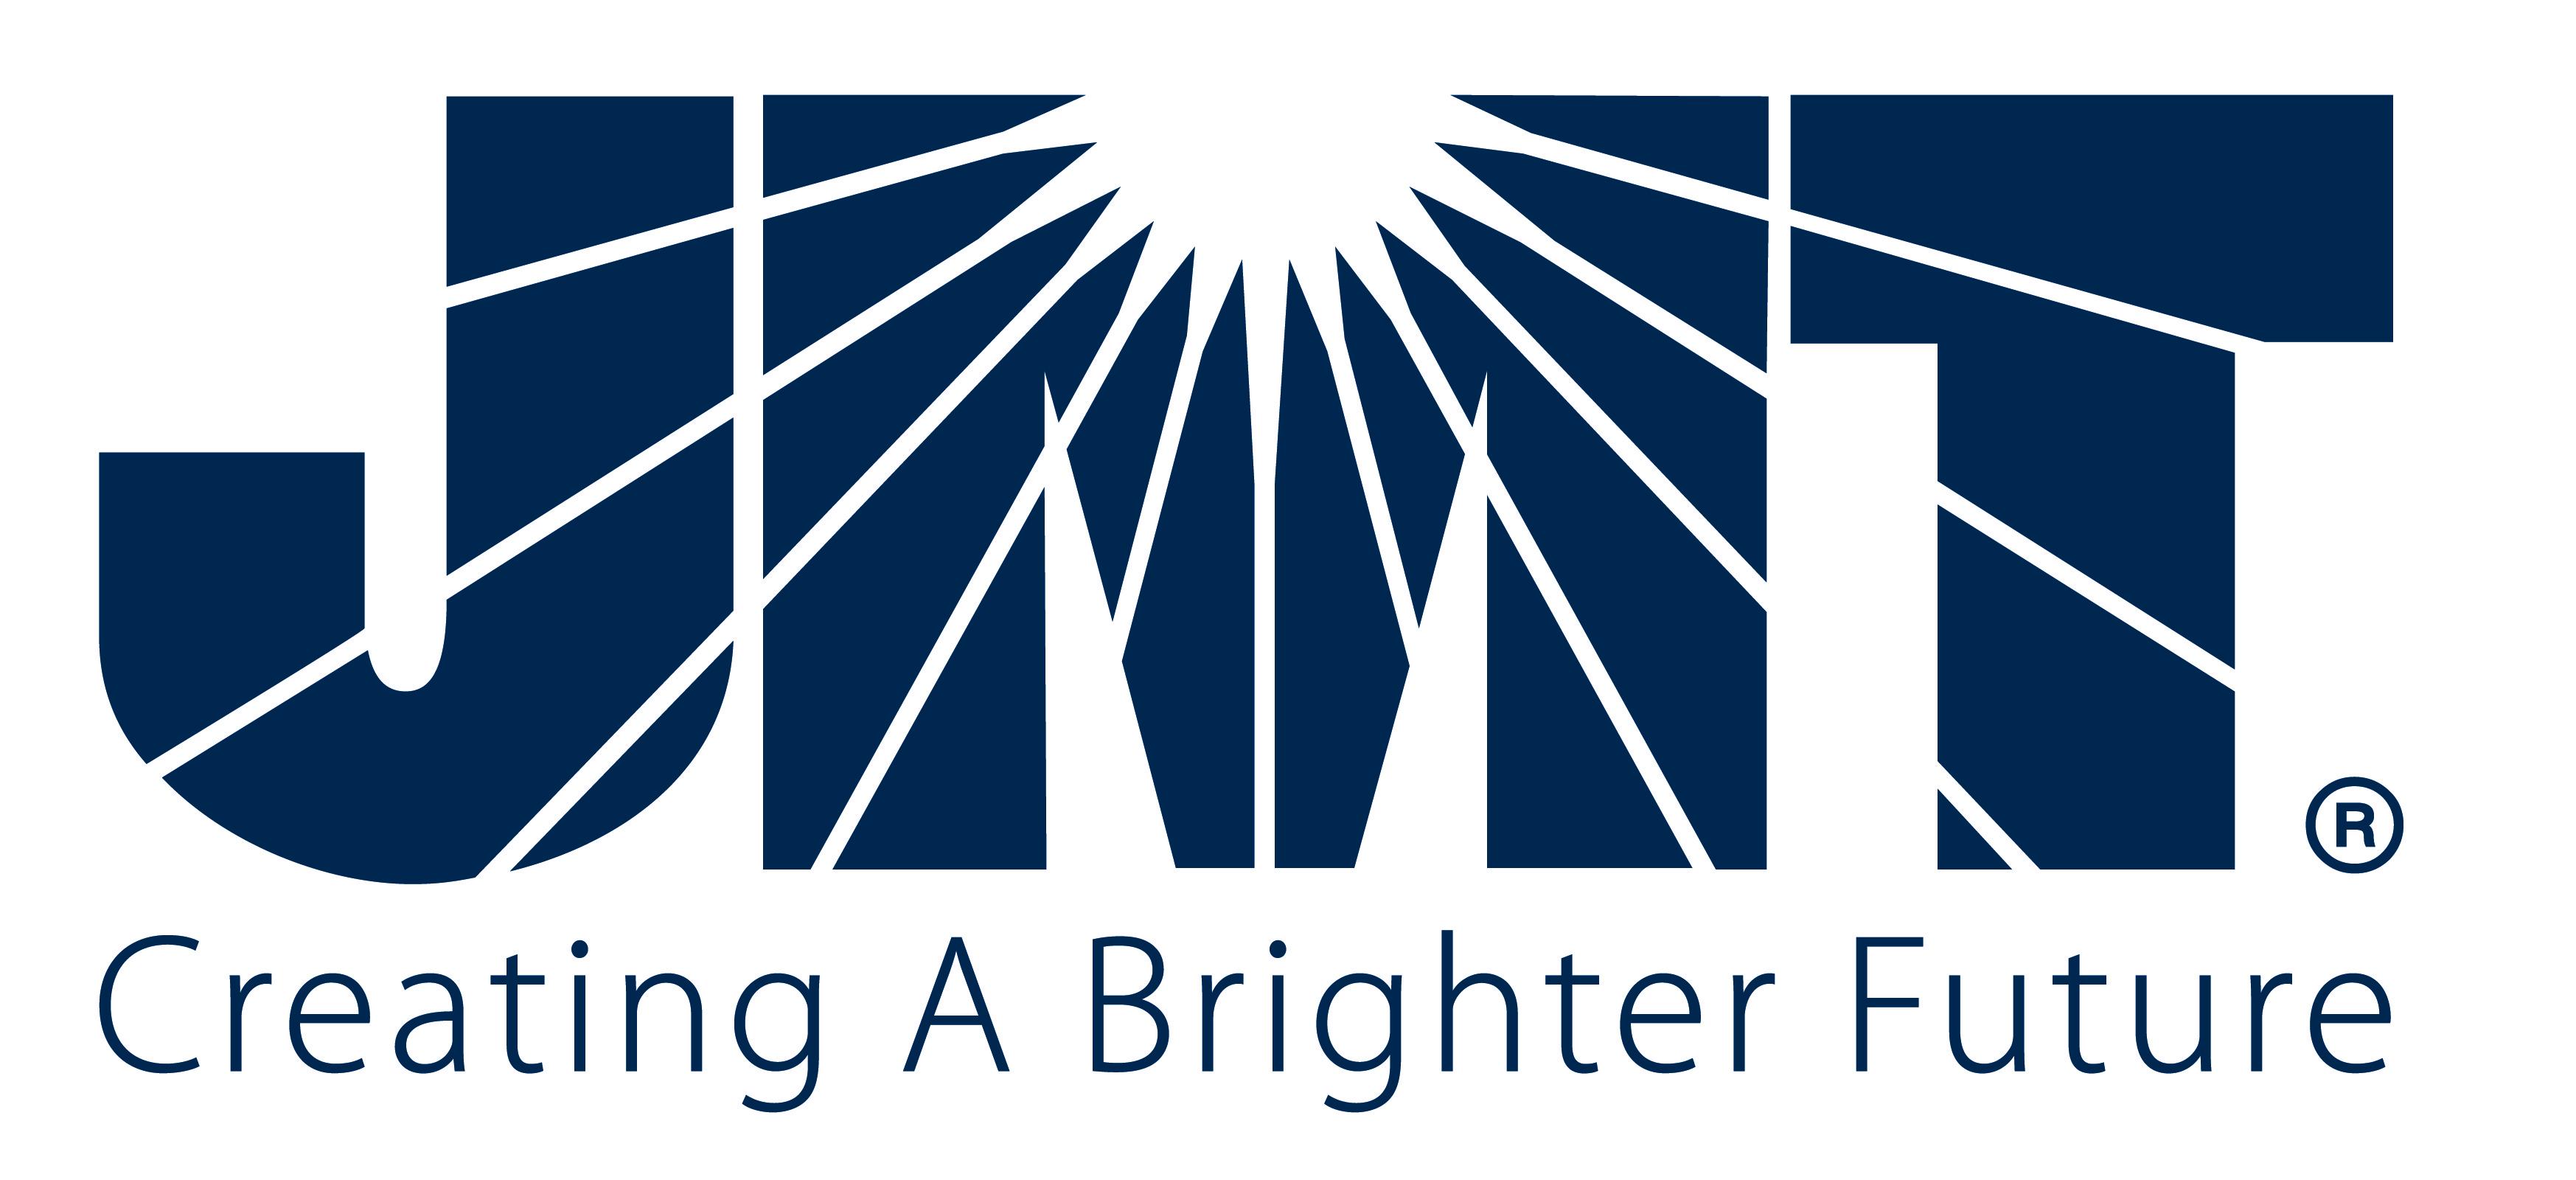 http://planningpa.org/wp-content/uploads/gravity_forms/24-e73489f0e46eb50394c6404e8233855e/2016/07/JMT-logo-creating-a-brighter-future.jpg